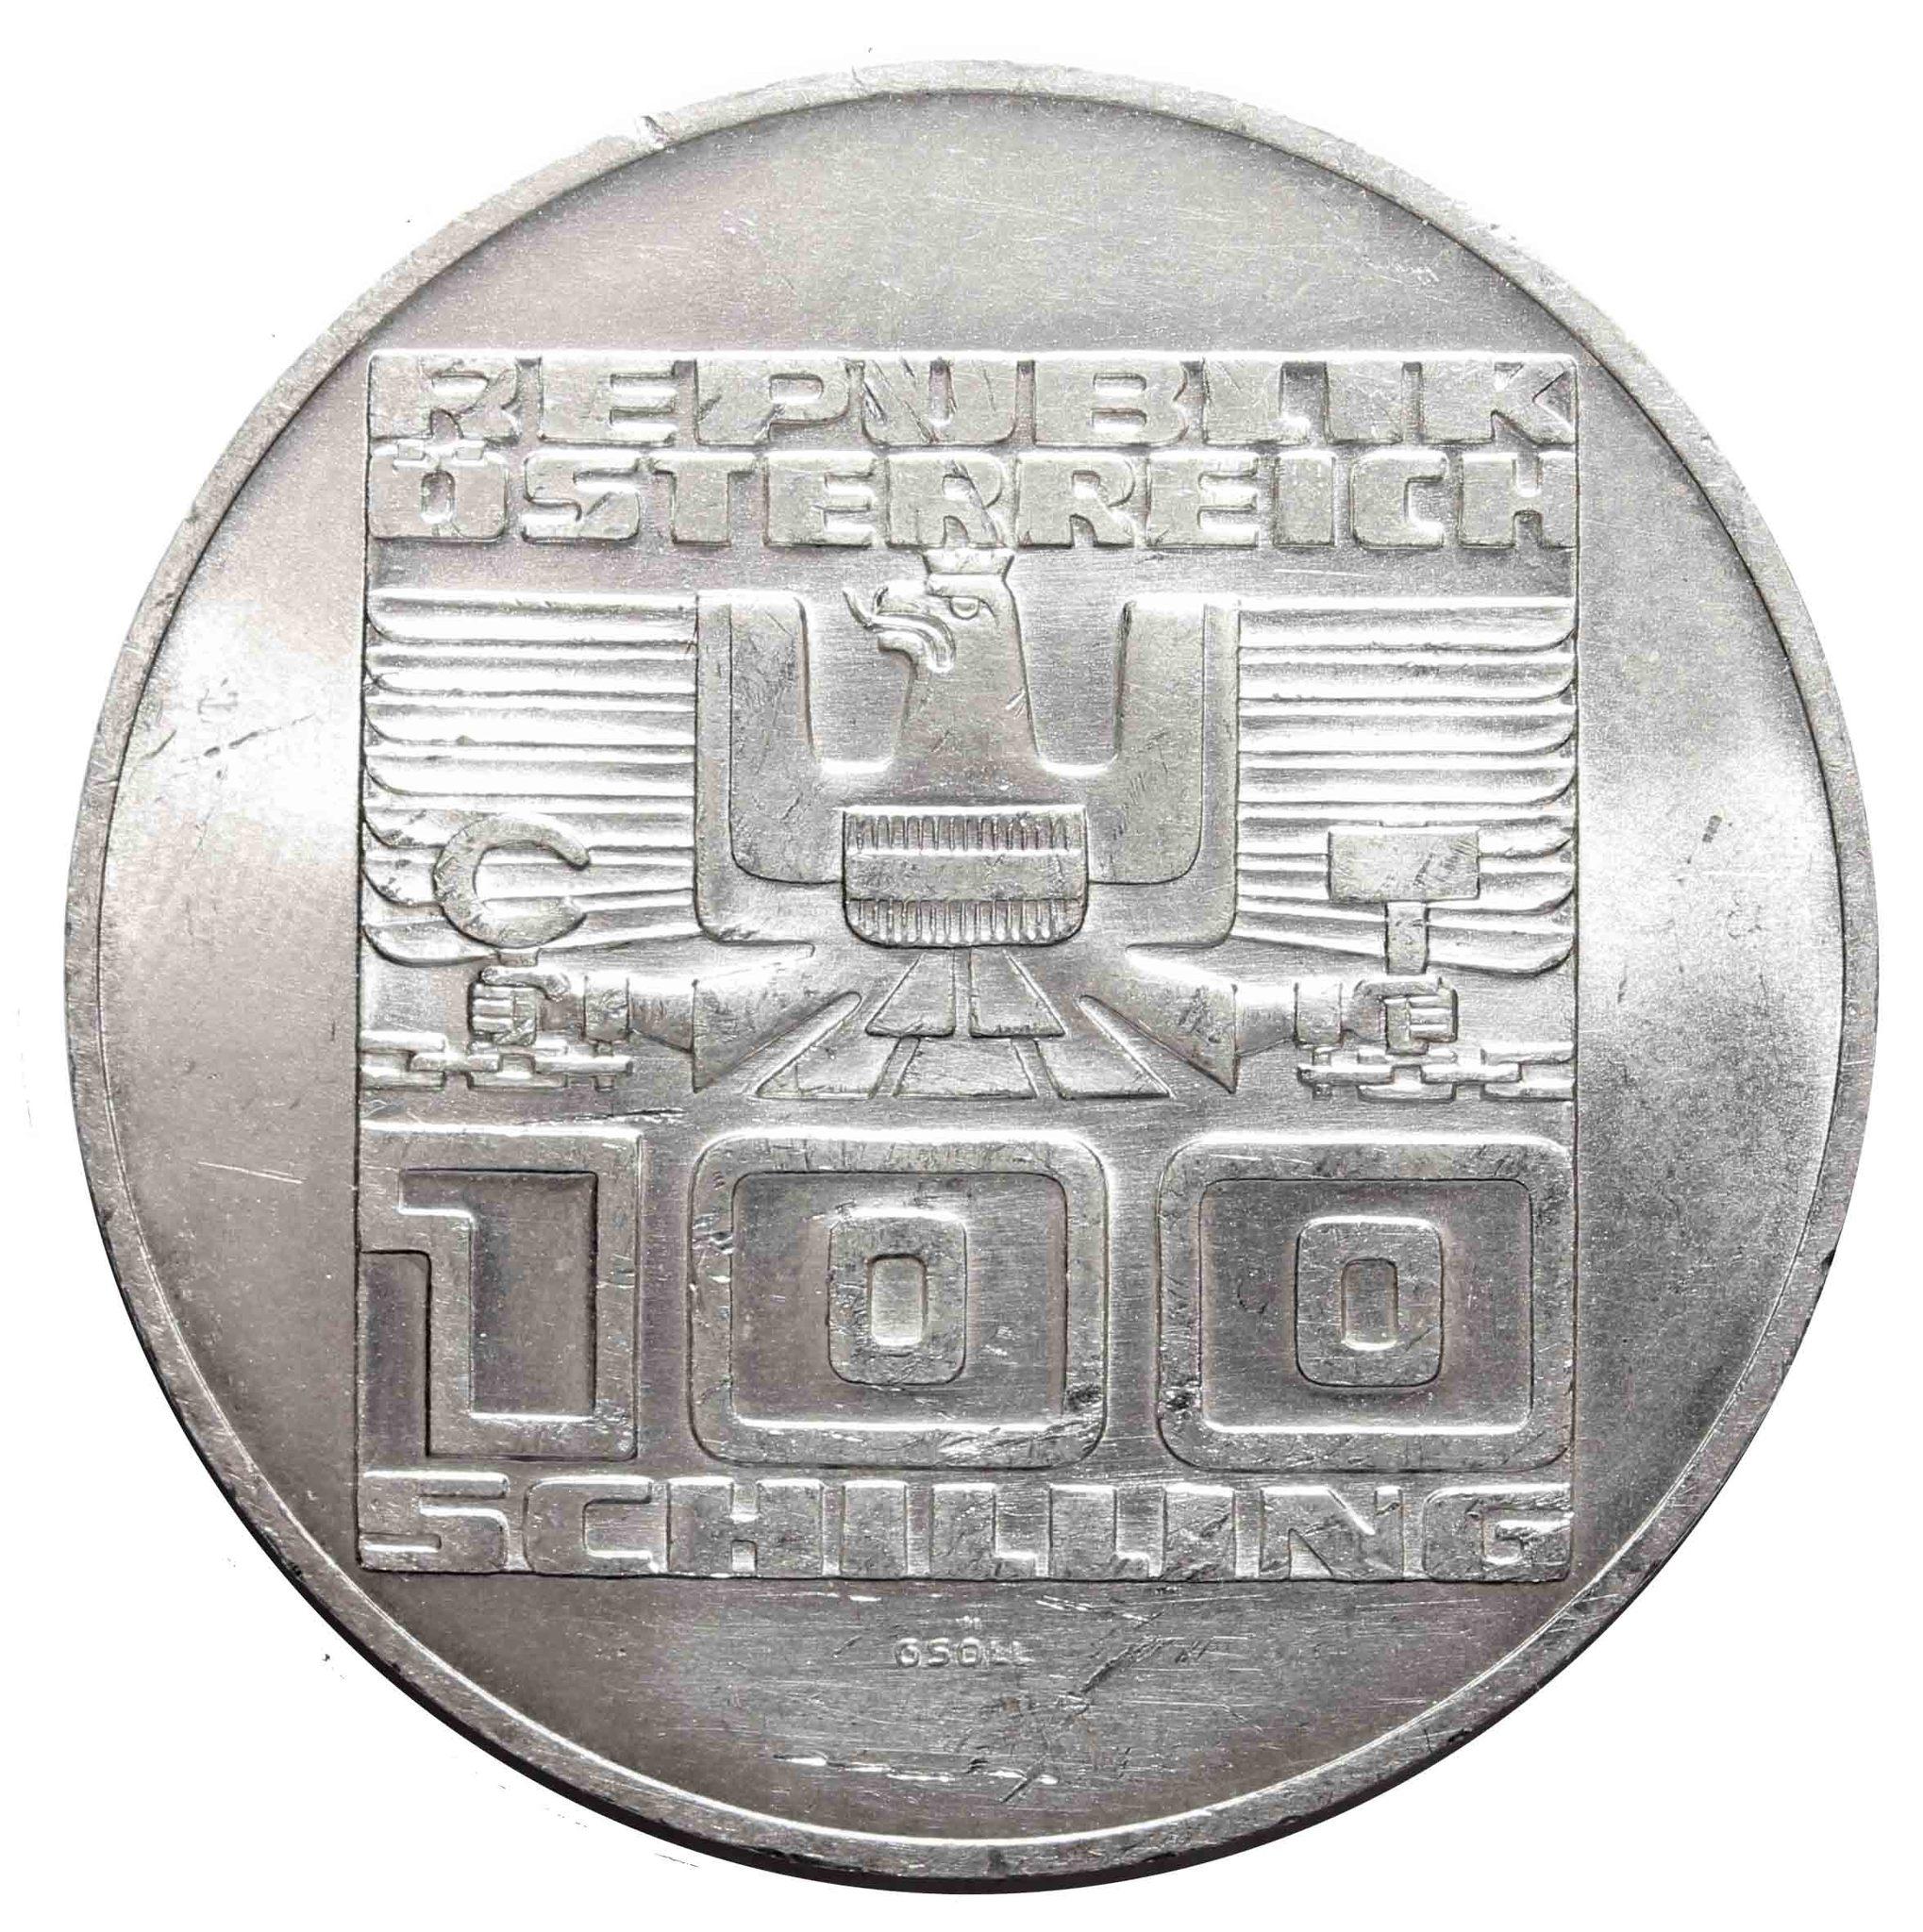 100 шиллингов. 20 лет декларации о независимости Австрии. Австрия. 1975 год. Серебро. AU